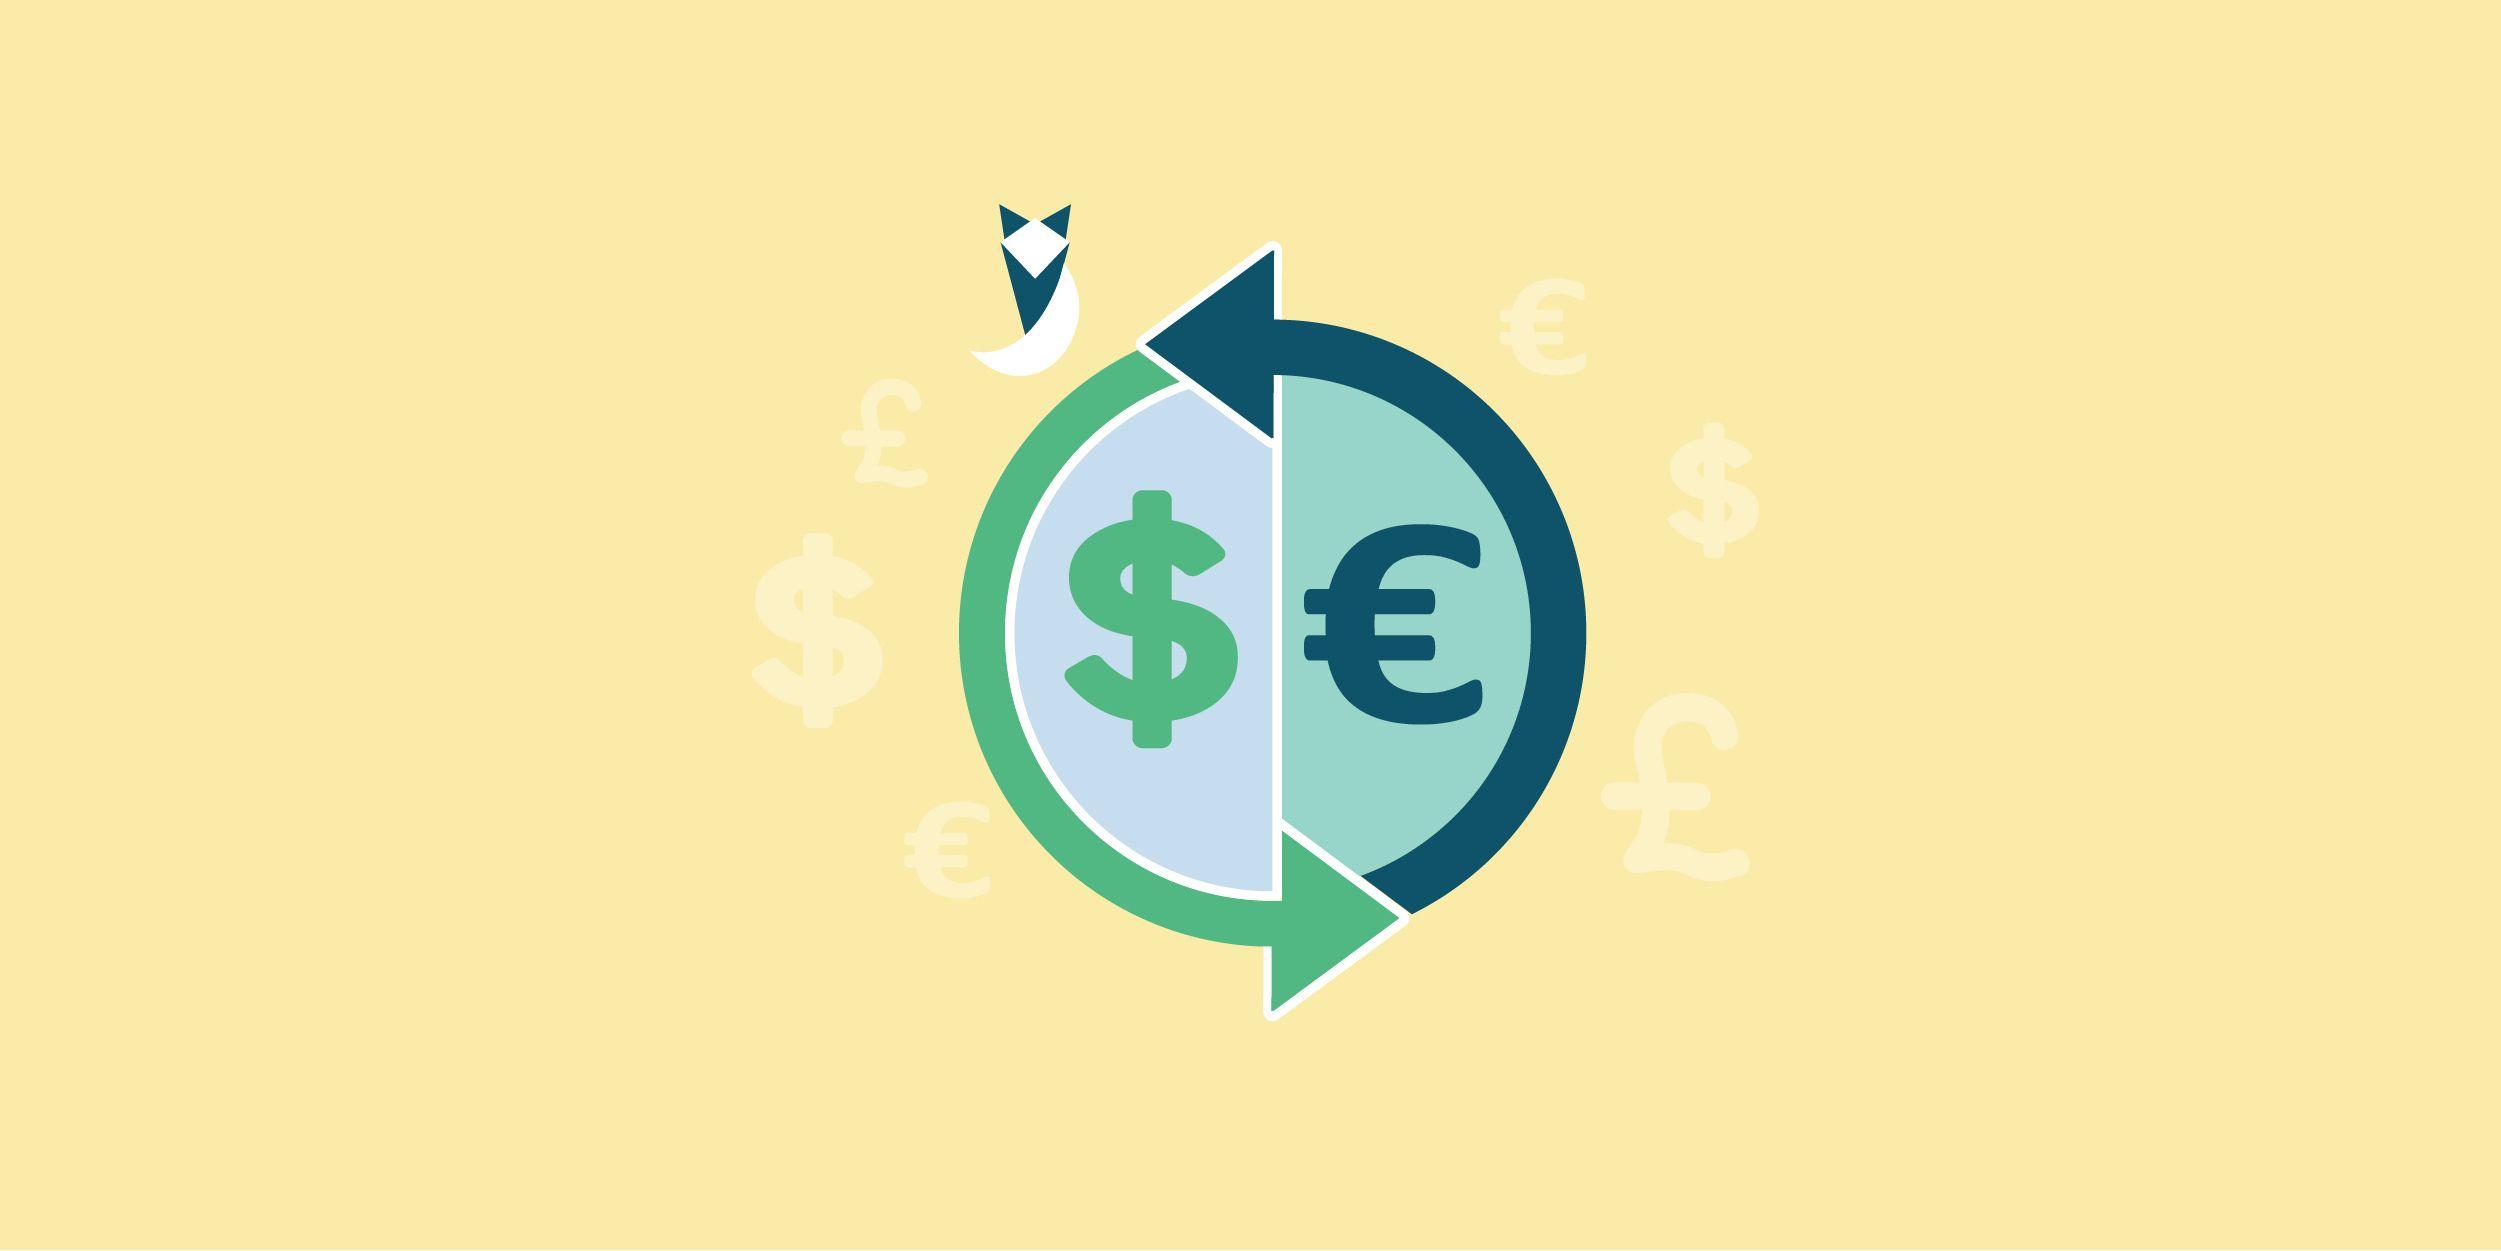 أسعار العملات الأجنبية اليوم: الاثنين 28 يونيو 2021